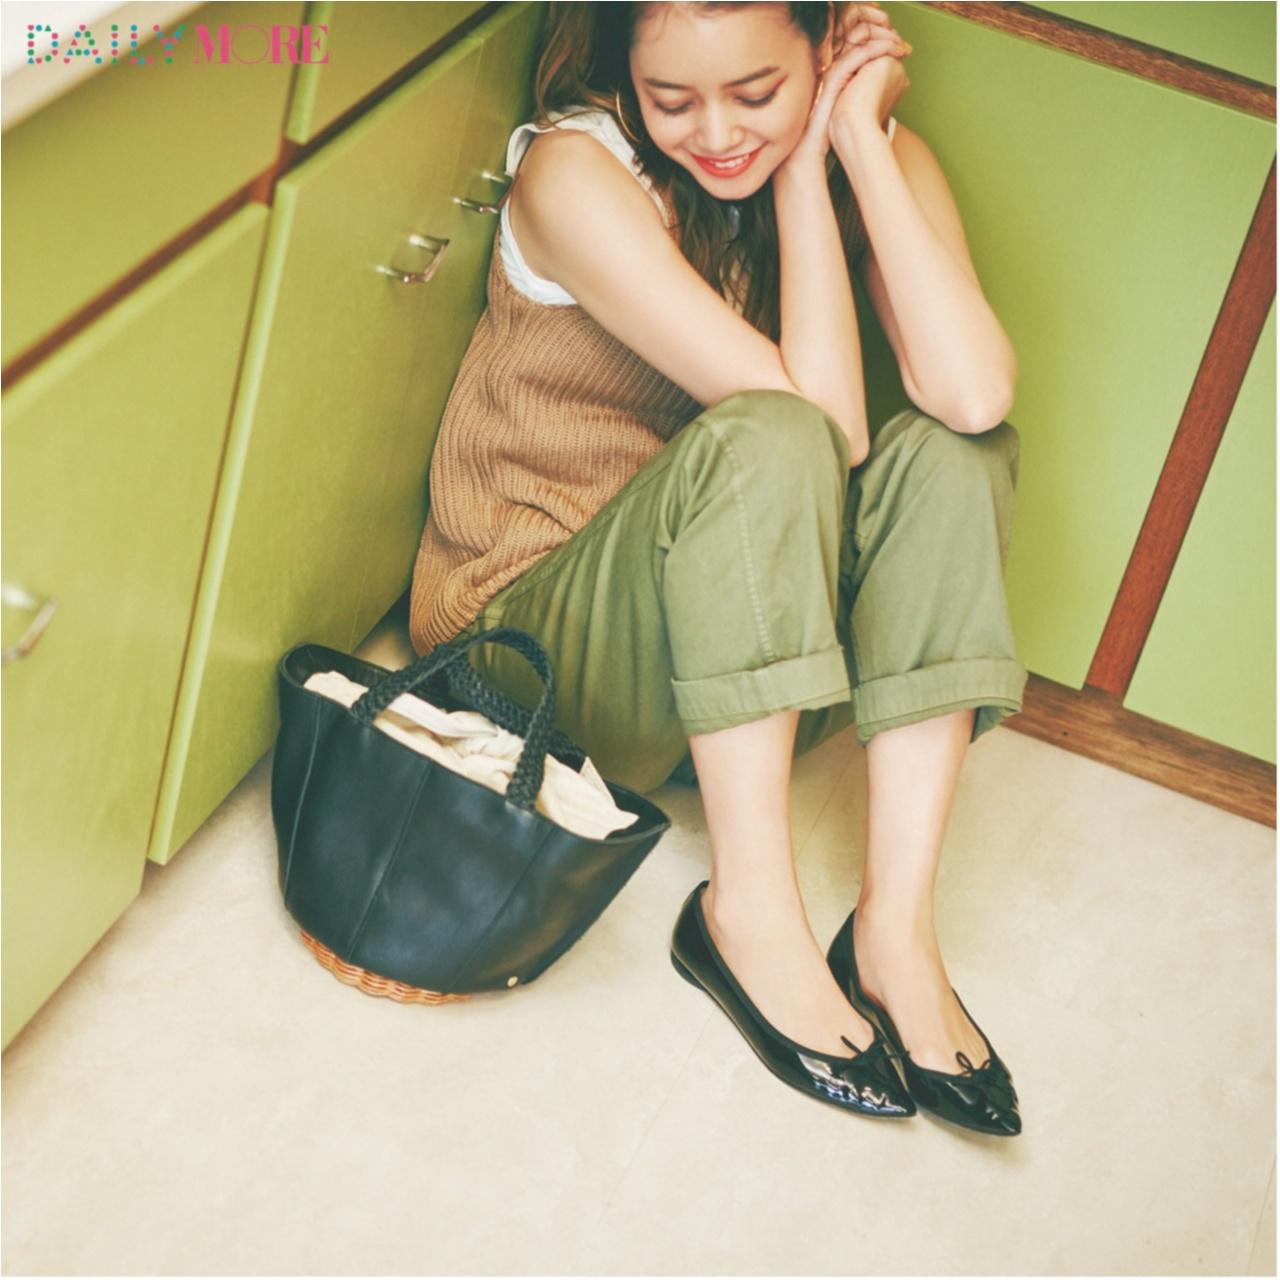 オシャレ女子は夏だって重ね着派♪ 初夏に着たい「サマーレイヤード」まとめ♡_1_18